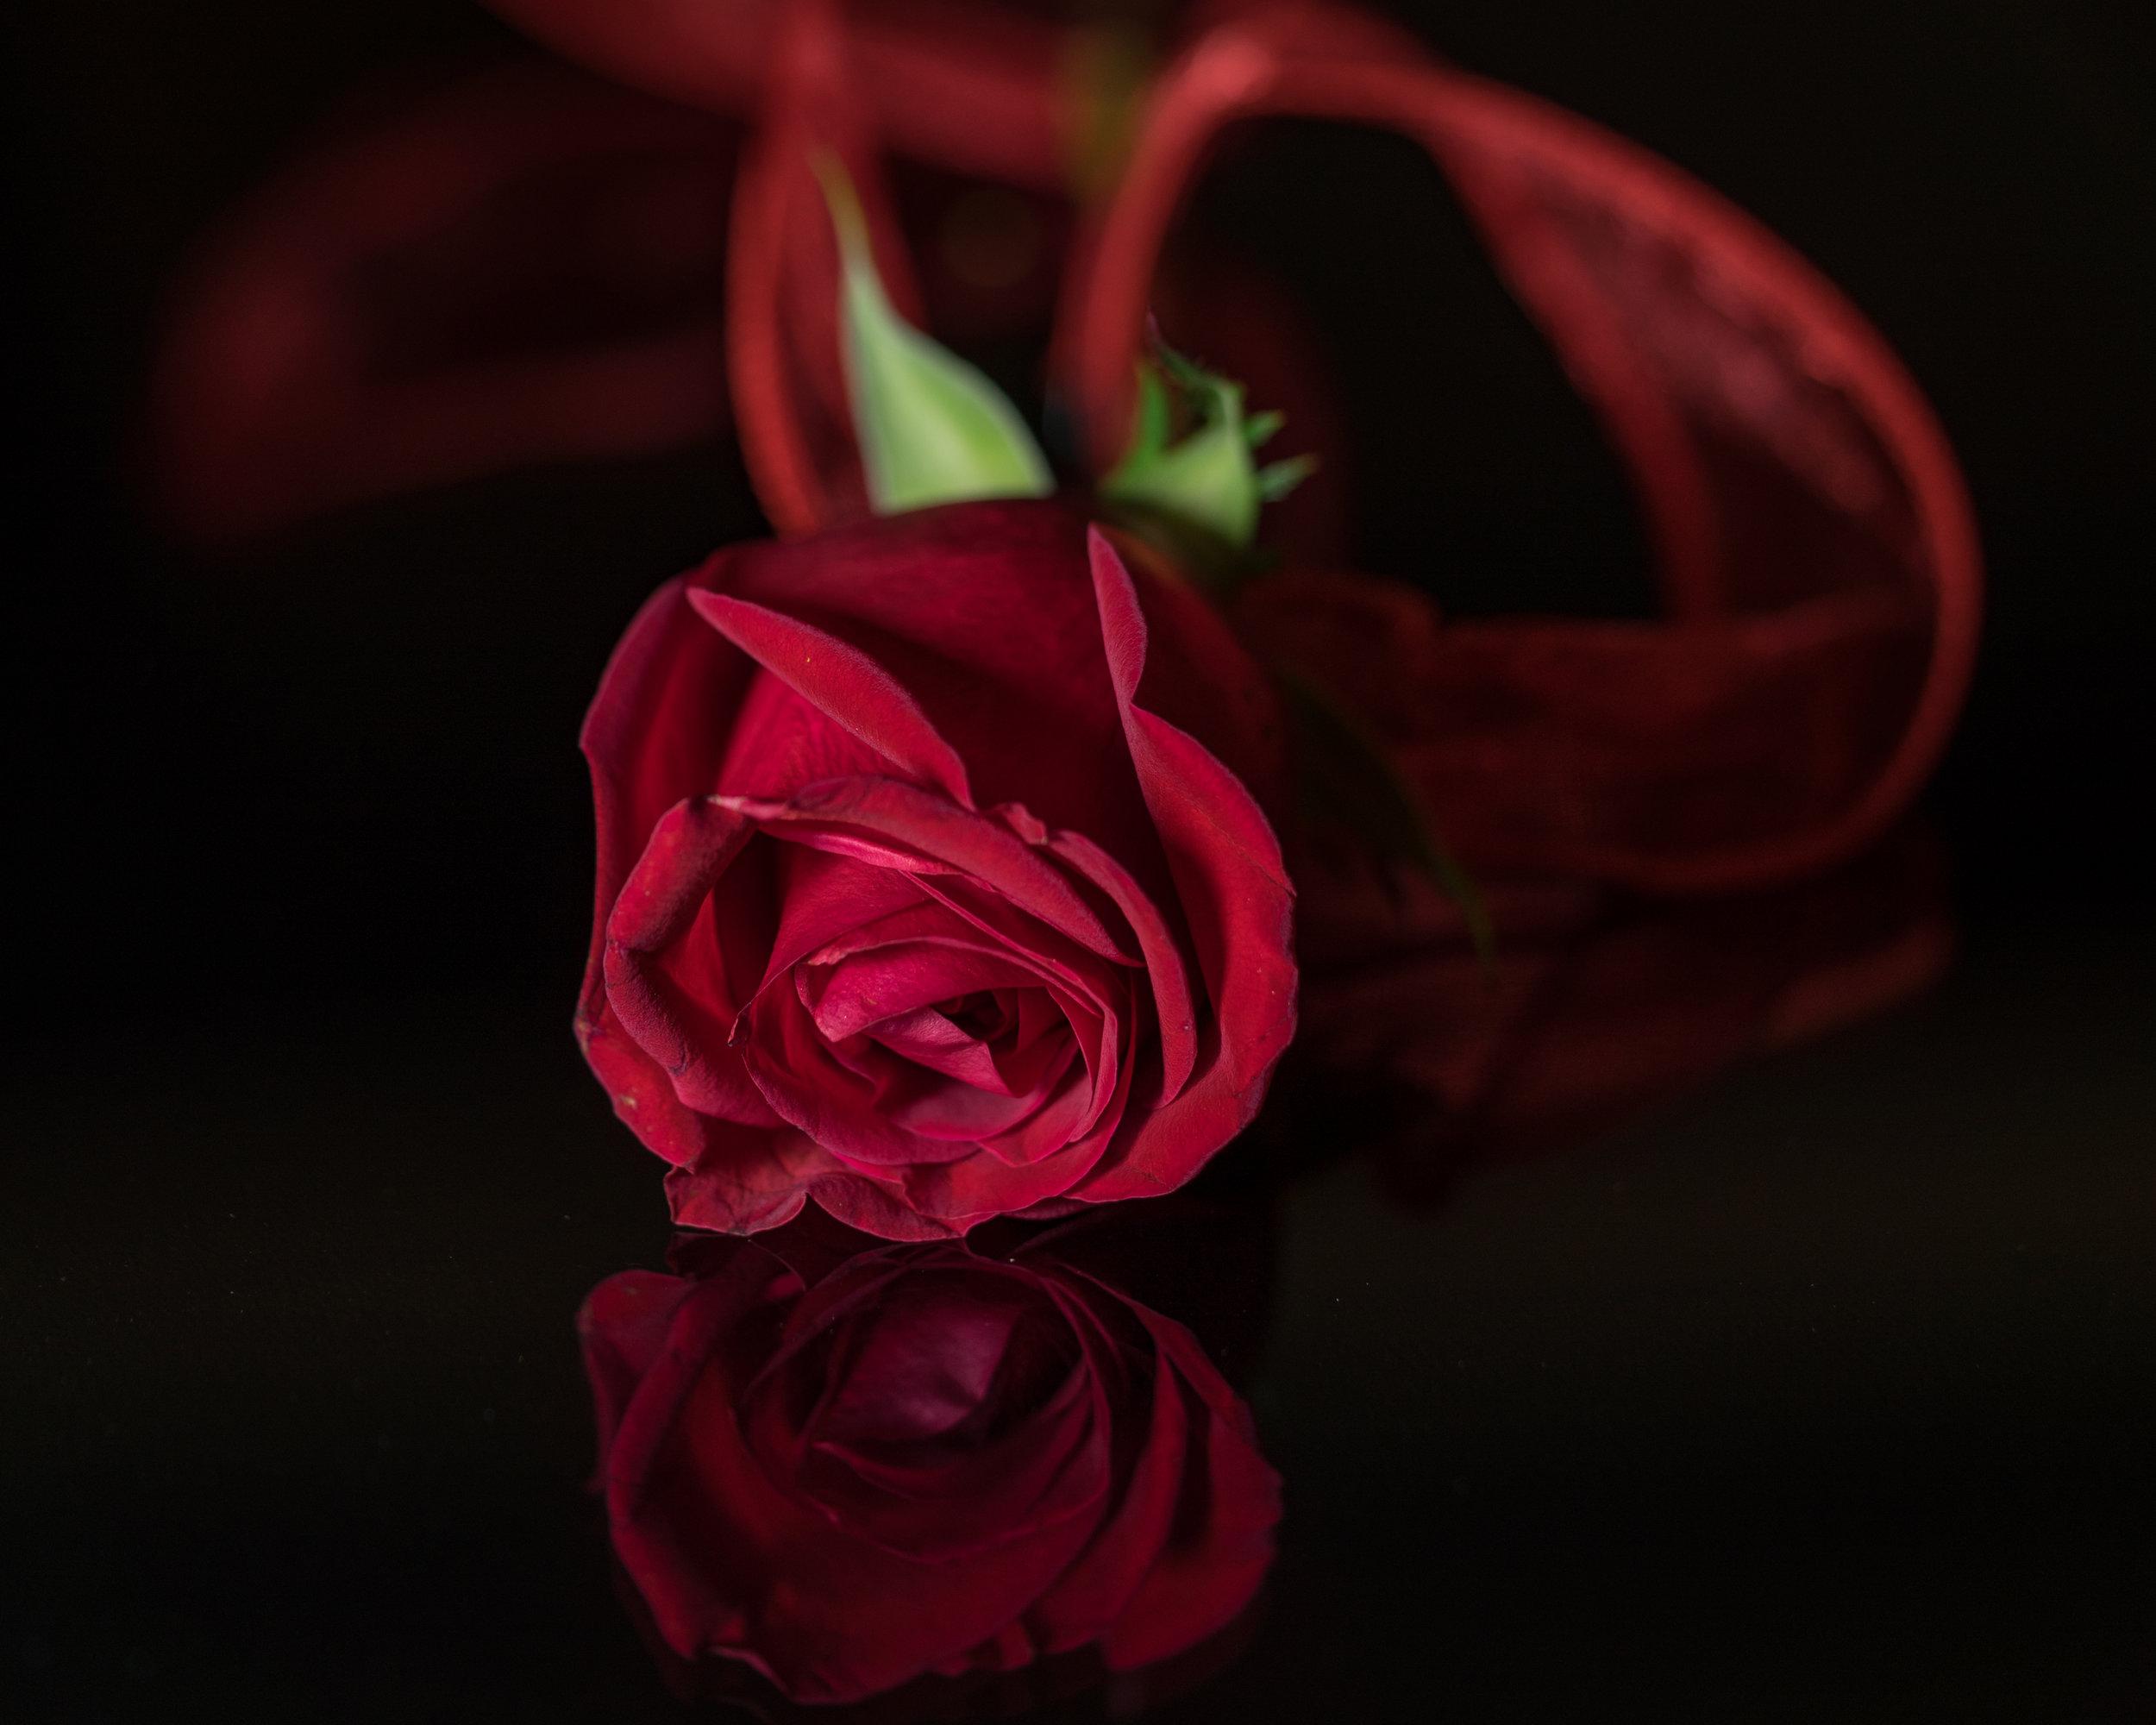 Flowers_Rose_2017_02_16-3-2 copy.jpg